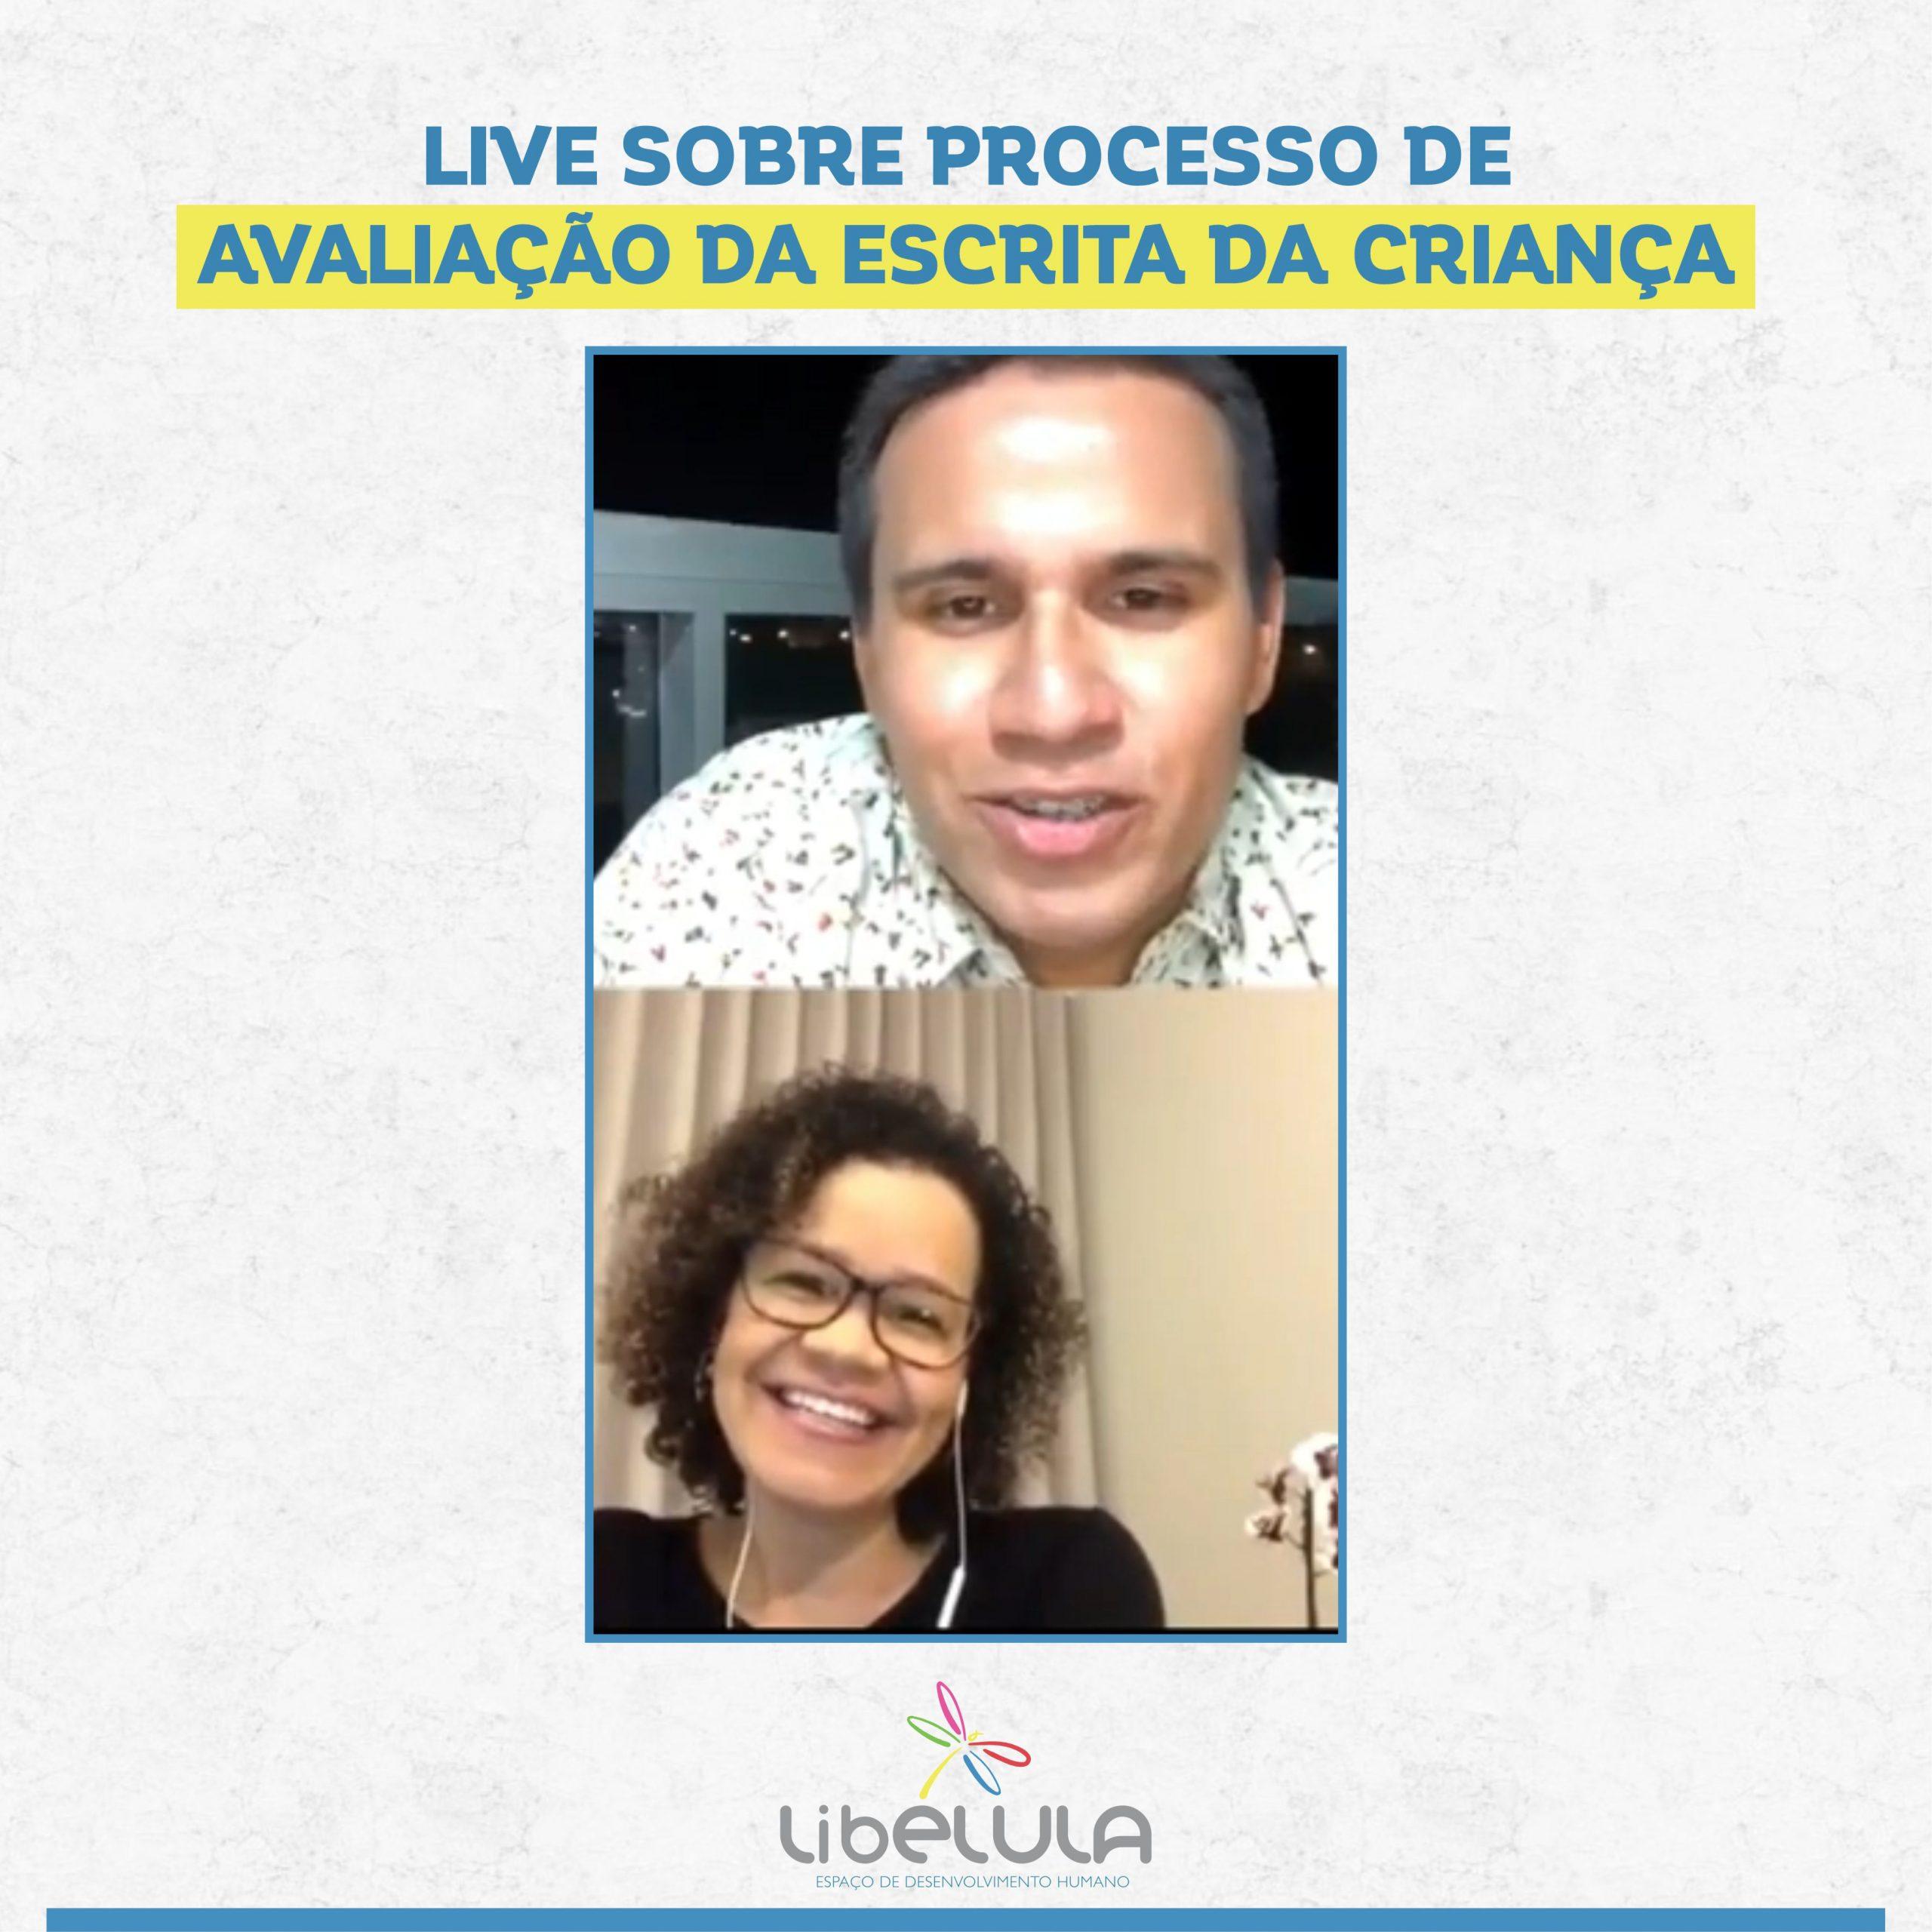 LIVE SOBRE PROCESSO DEAVALIAÇÃO DA ESCRITA DA CRIANÇA